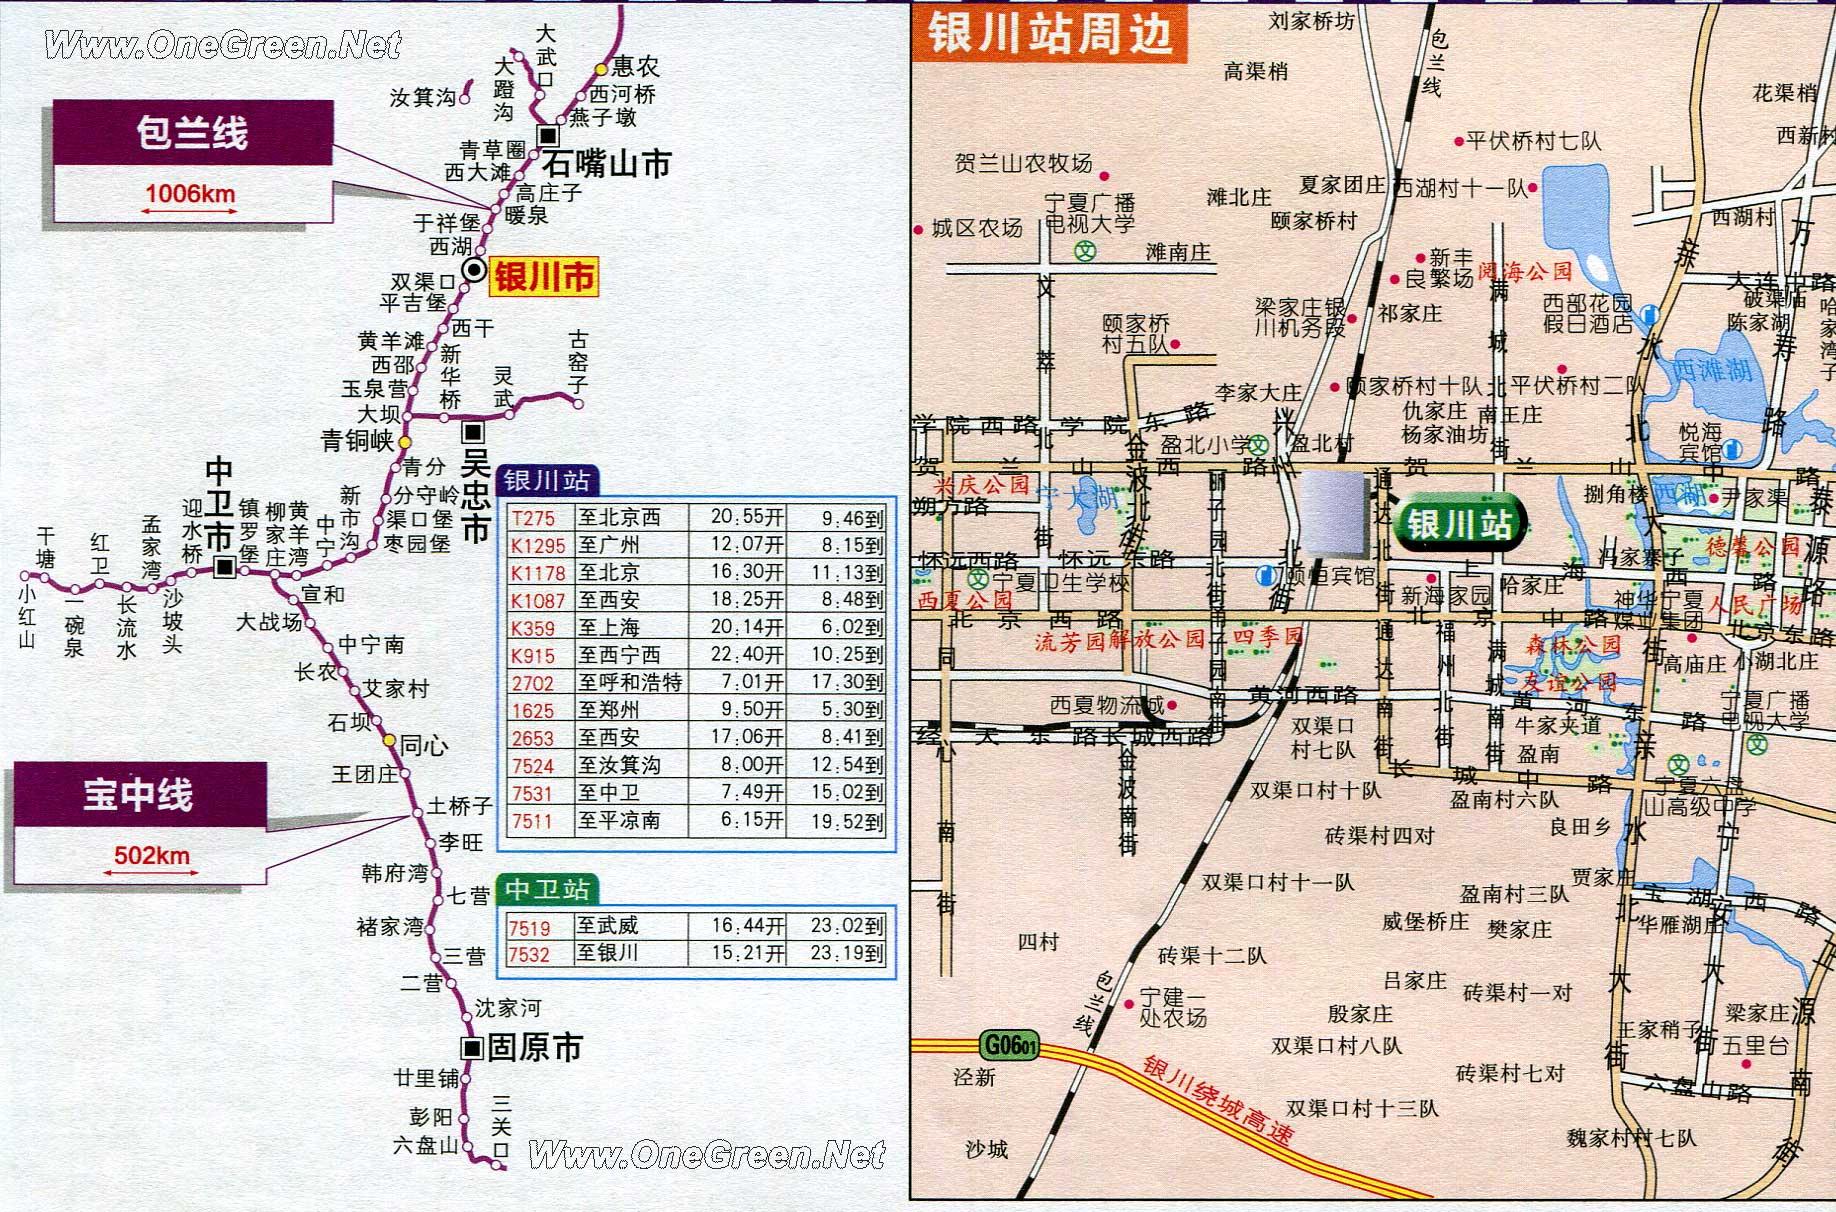 宁夏铁路交通地图